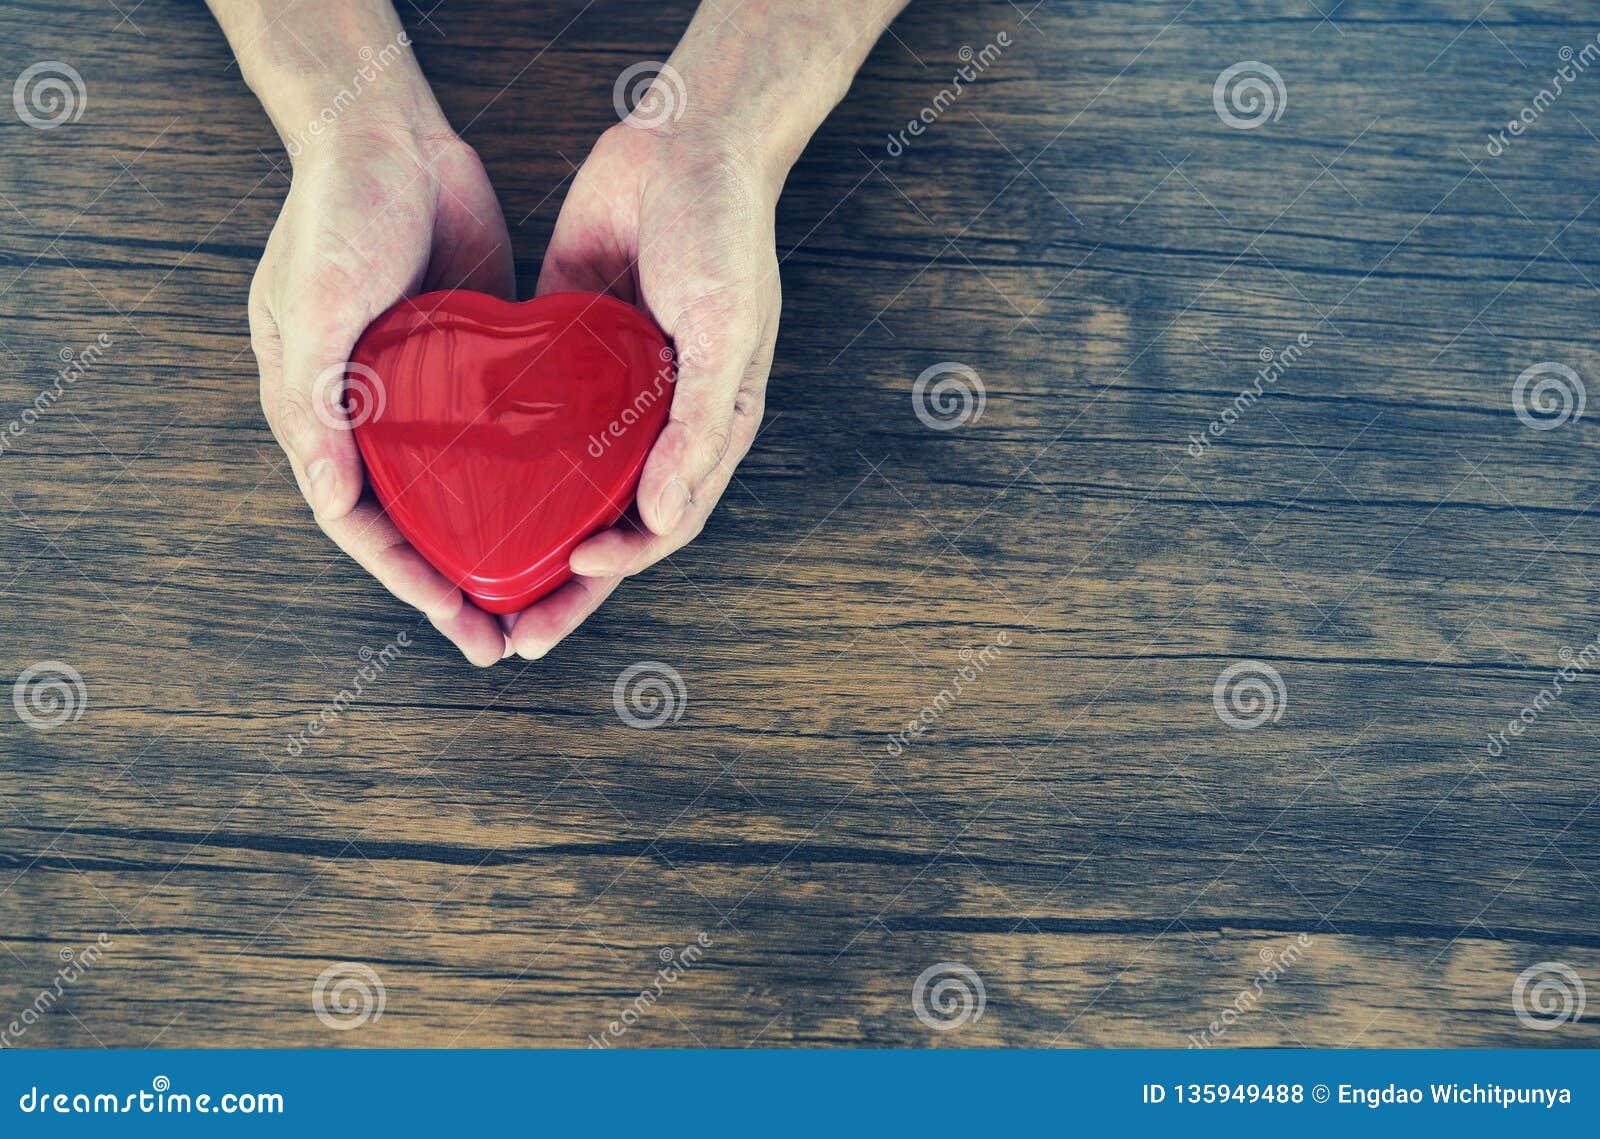 Δώστε το άτομο αγάπης που κρατά ότι η κόκκινη καρδιά στα χέρια για την ημέρα βαλεντίνων αγάπης δίνει τη βοήθεια δίνει τη ζεστασιά